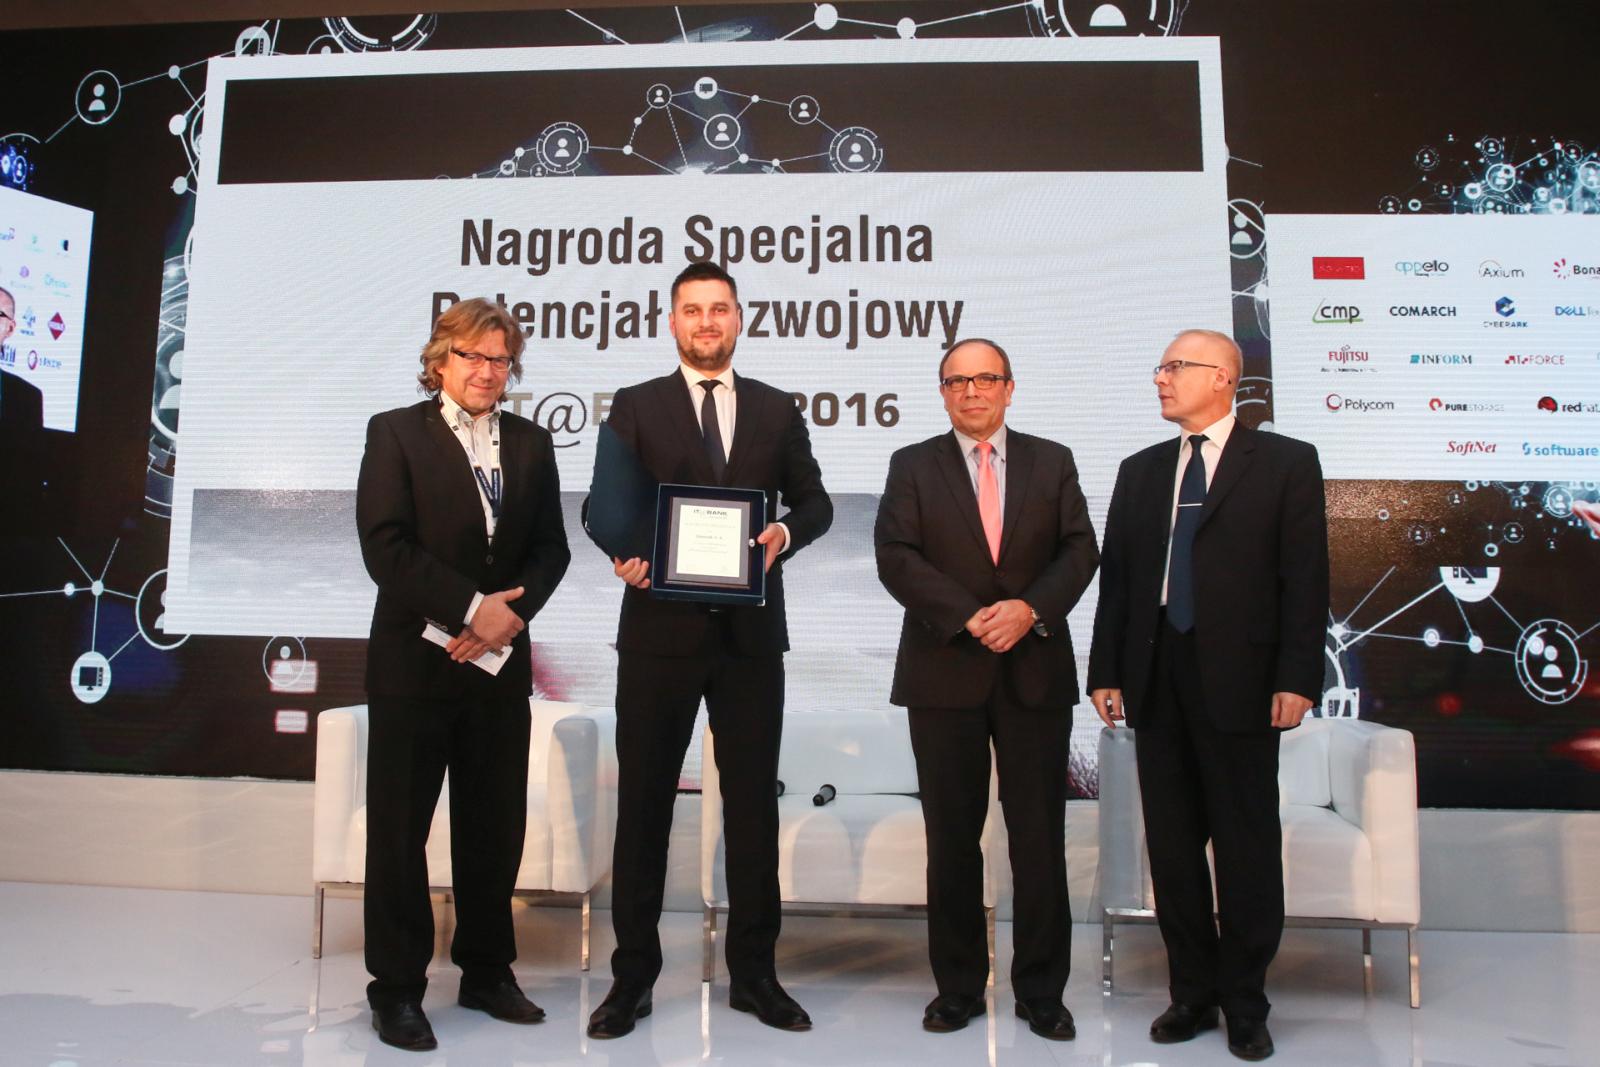 nagroda-w-kategorii-potencjal-rozwojowy-dla-qumak-sa-it-bank